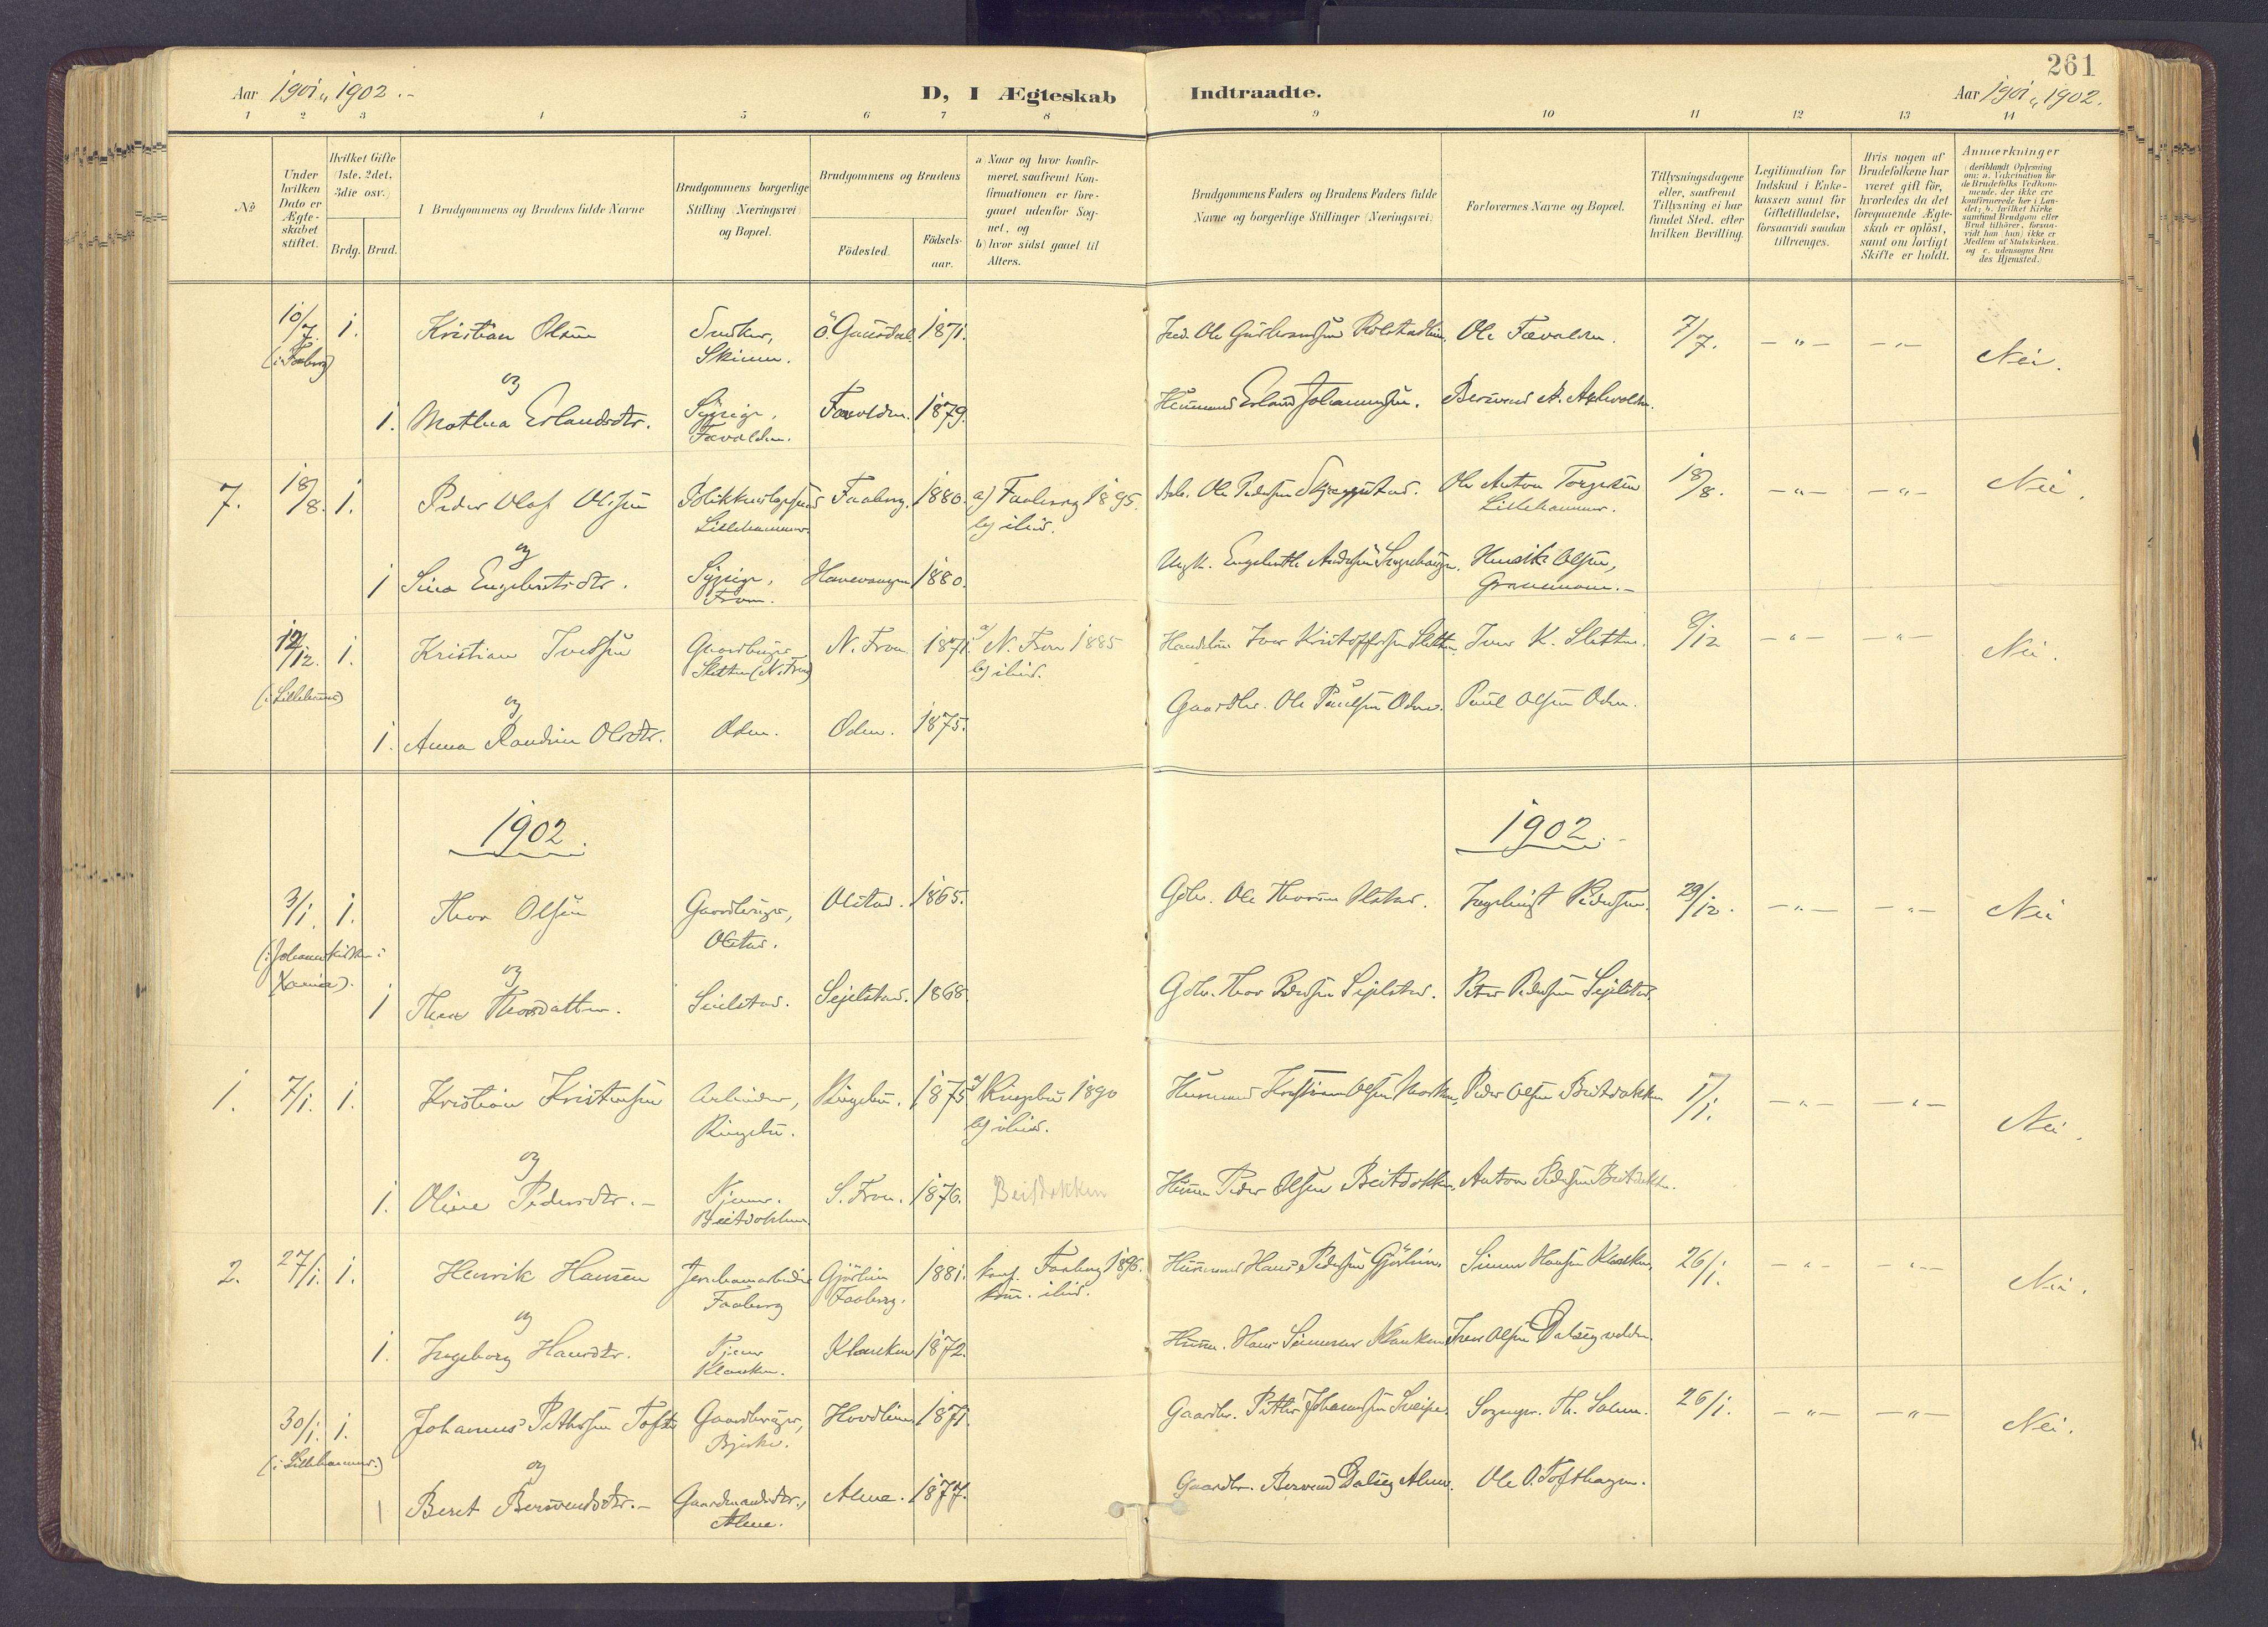 SAH, Sør-Fron prestekontor, H/Ha/Haa/L0004: Ministerialbok nr. 4, 1898-1919, s. 261